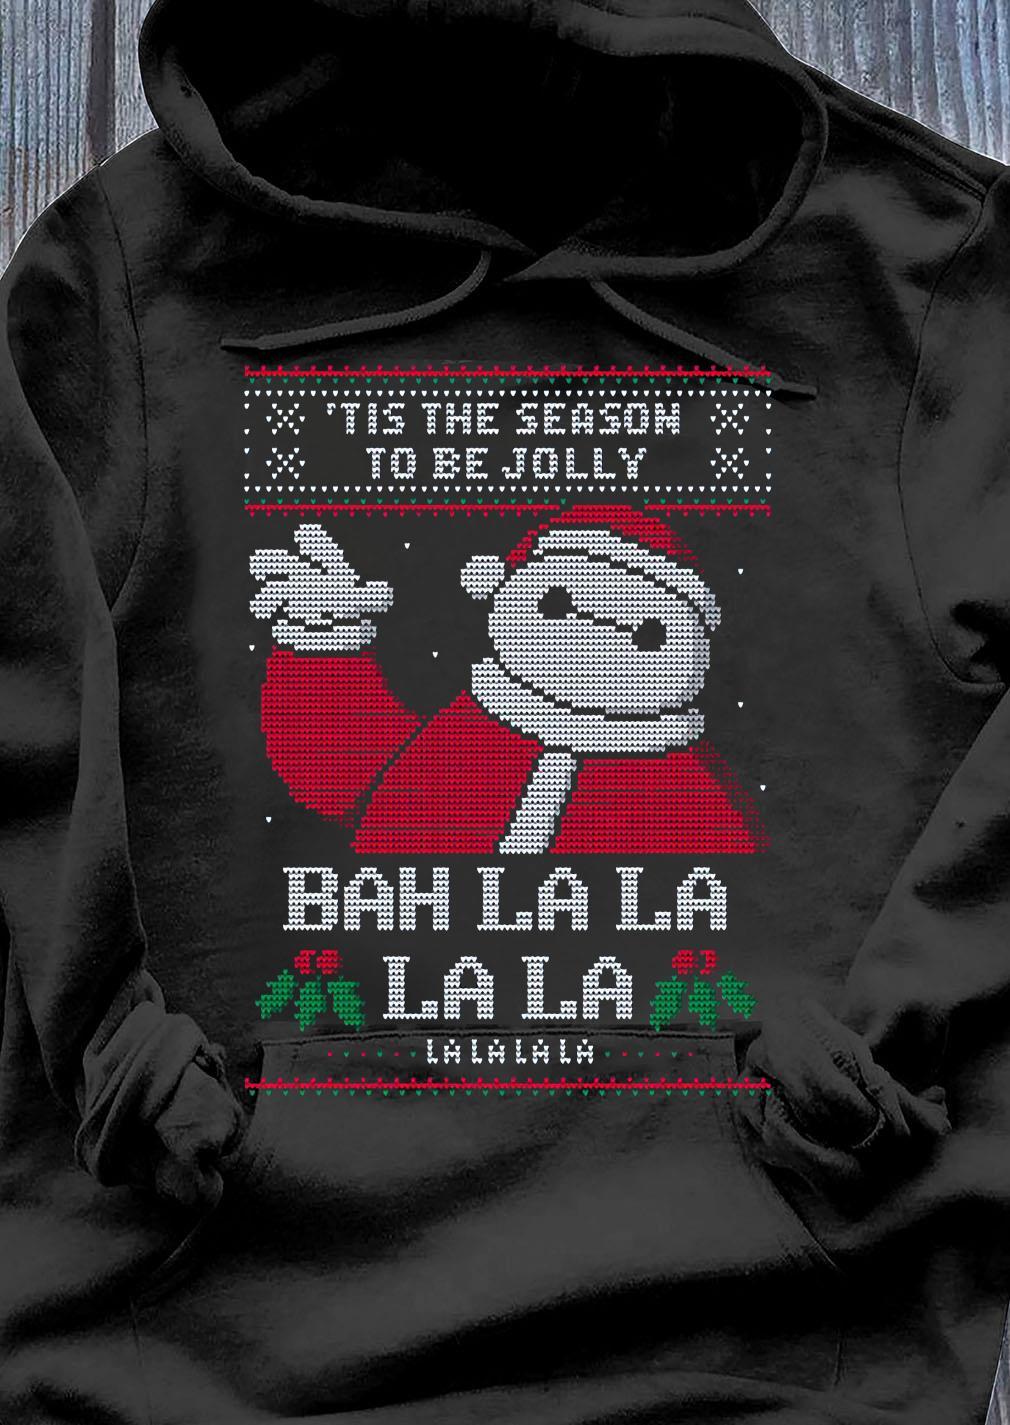 Tis The Season To Be Jolly Bah La La La La Lalalala Ugly Christmas Shirt Hoodie